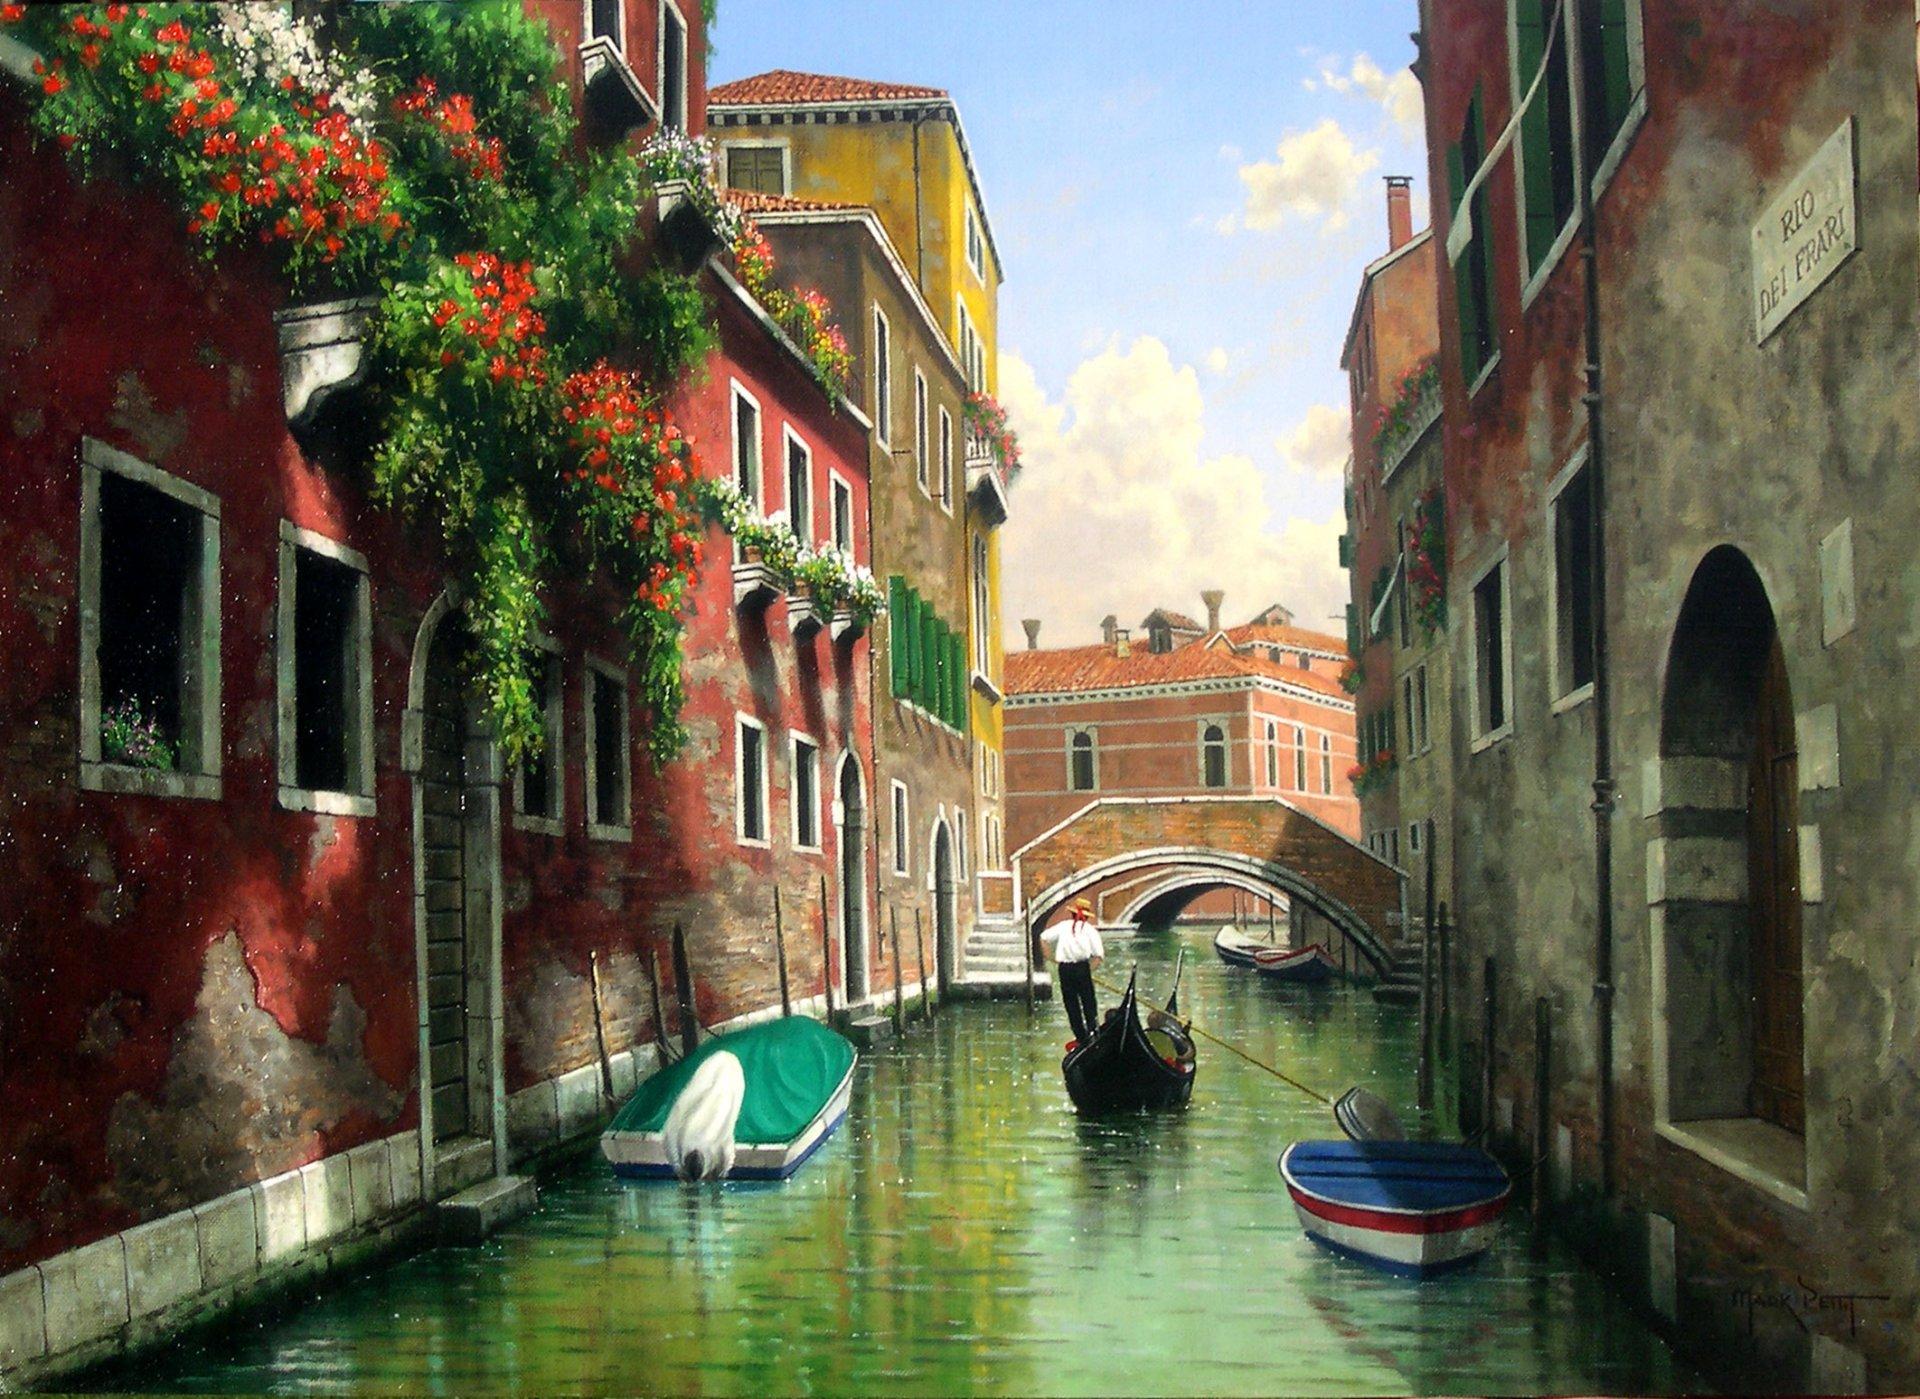 Обои канал, лодки, венеция, мосты, дома, улицы. Города foto 8